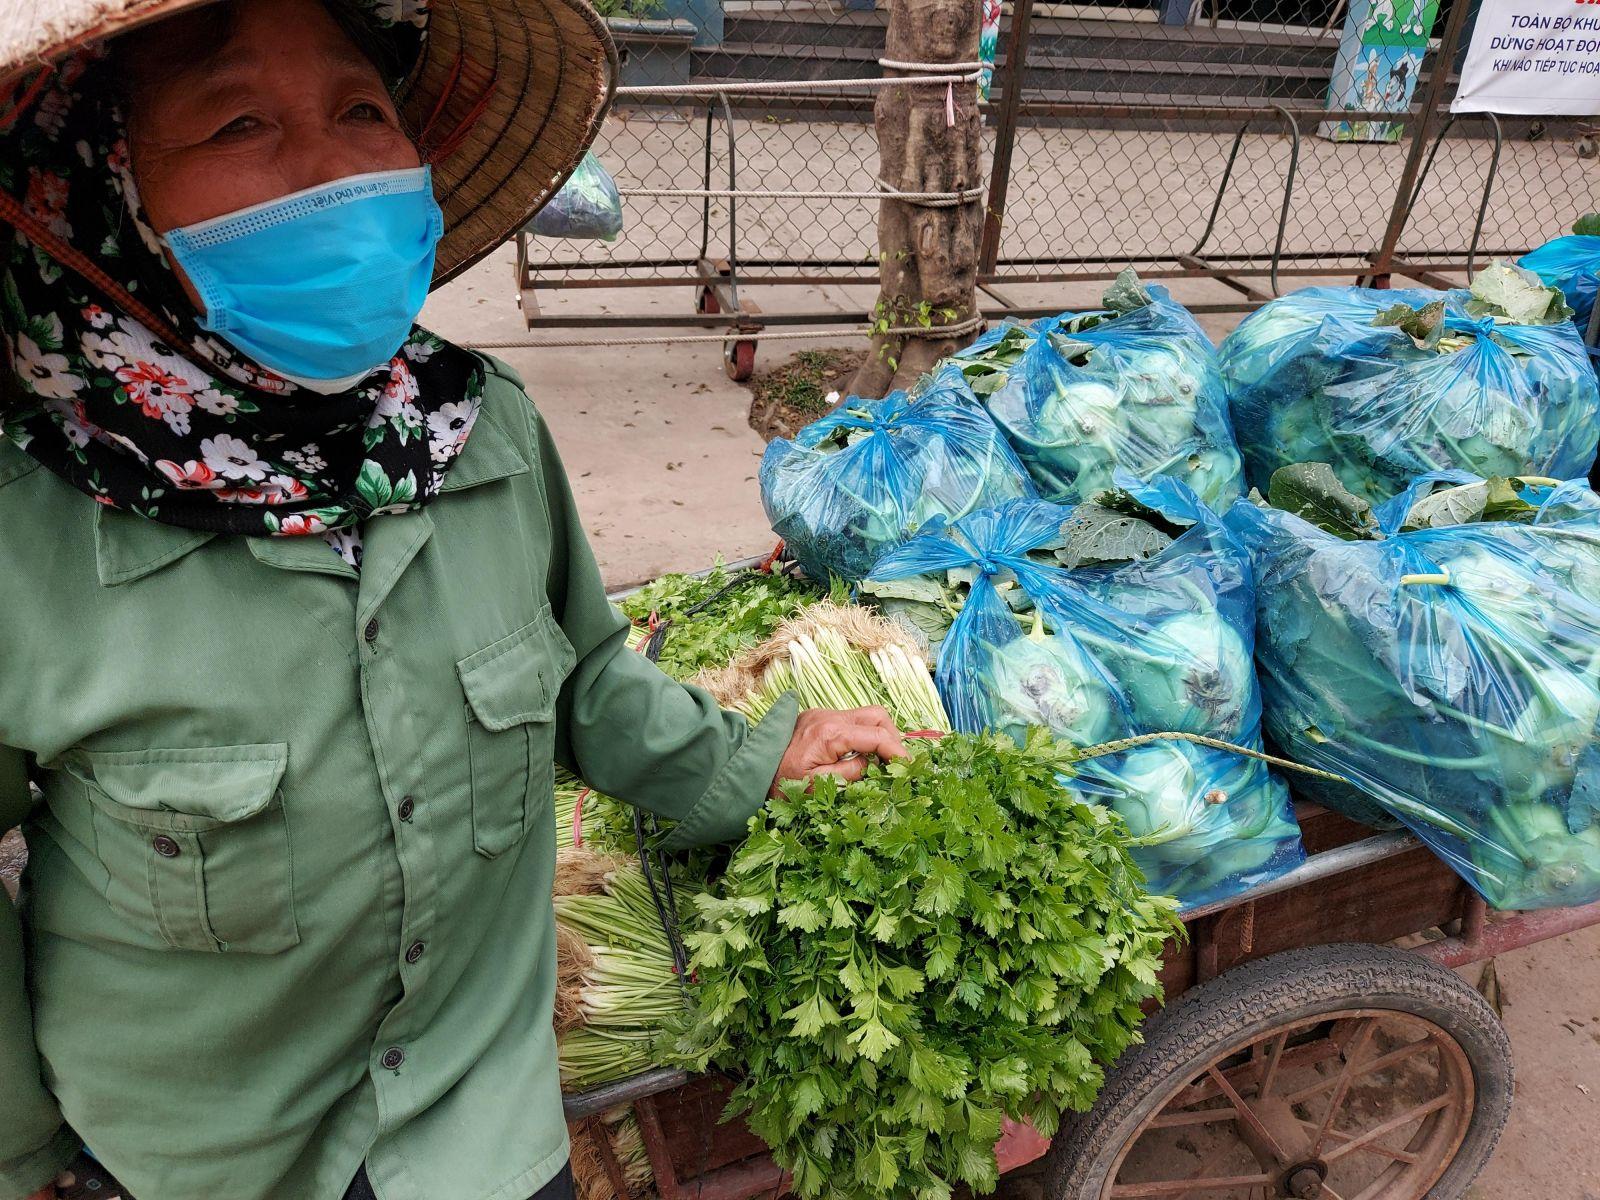 Người nông dân huyện Mê Linh (Hà Nội) thất vọng bên xe rau không ai mua dù giá chỉ 1000đ/kg (Tháng 2/2021)